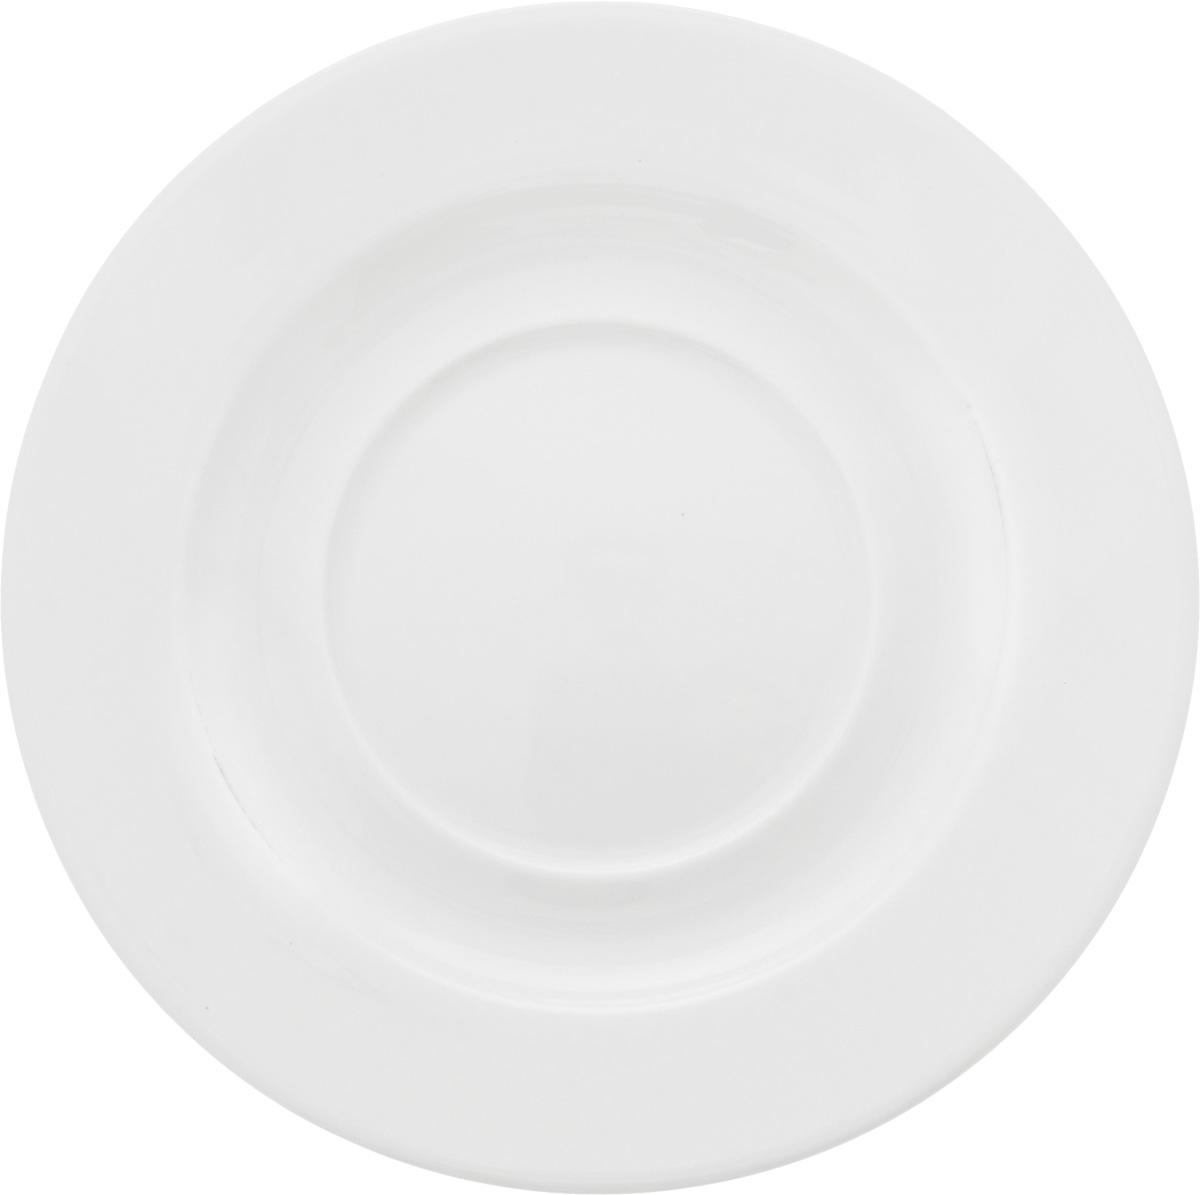 Блюдце Ariane Прайм, диаметр 16,5 смAPRARN14017Оригинальное блюдце Ariane Прайм изготовлено из фарфора с глазурованным покрытием. Изделие сочетает в себе классический дизайн с максимальной функциональностью. Блюдце прекрасно впишется в интерьер вашей кухни и станет достойным дополнением к кухонному инвентарю. Можно мыть в посудомоечной машине и использовать в микроволновой печи. Диаметр блюдца (по верхнему краю): 16,5 см. Высота блюдца: 2 см.